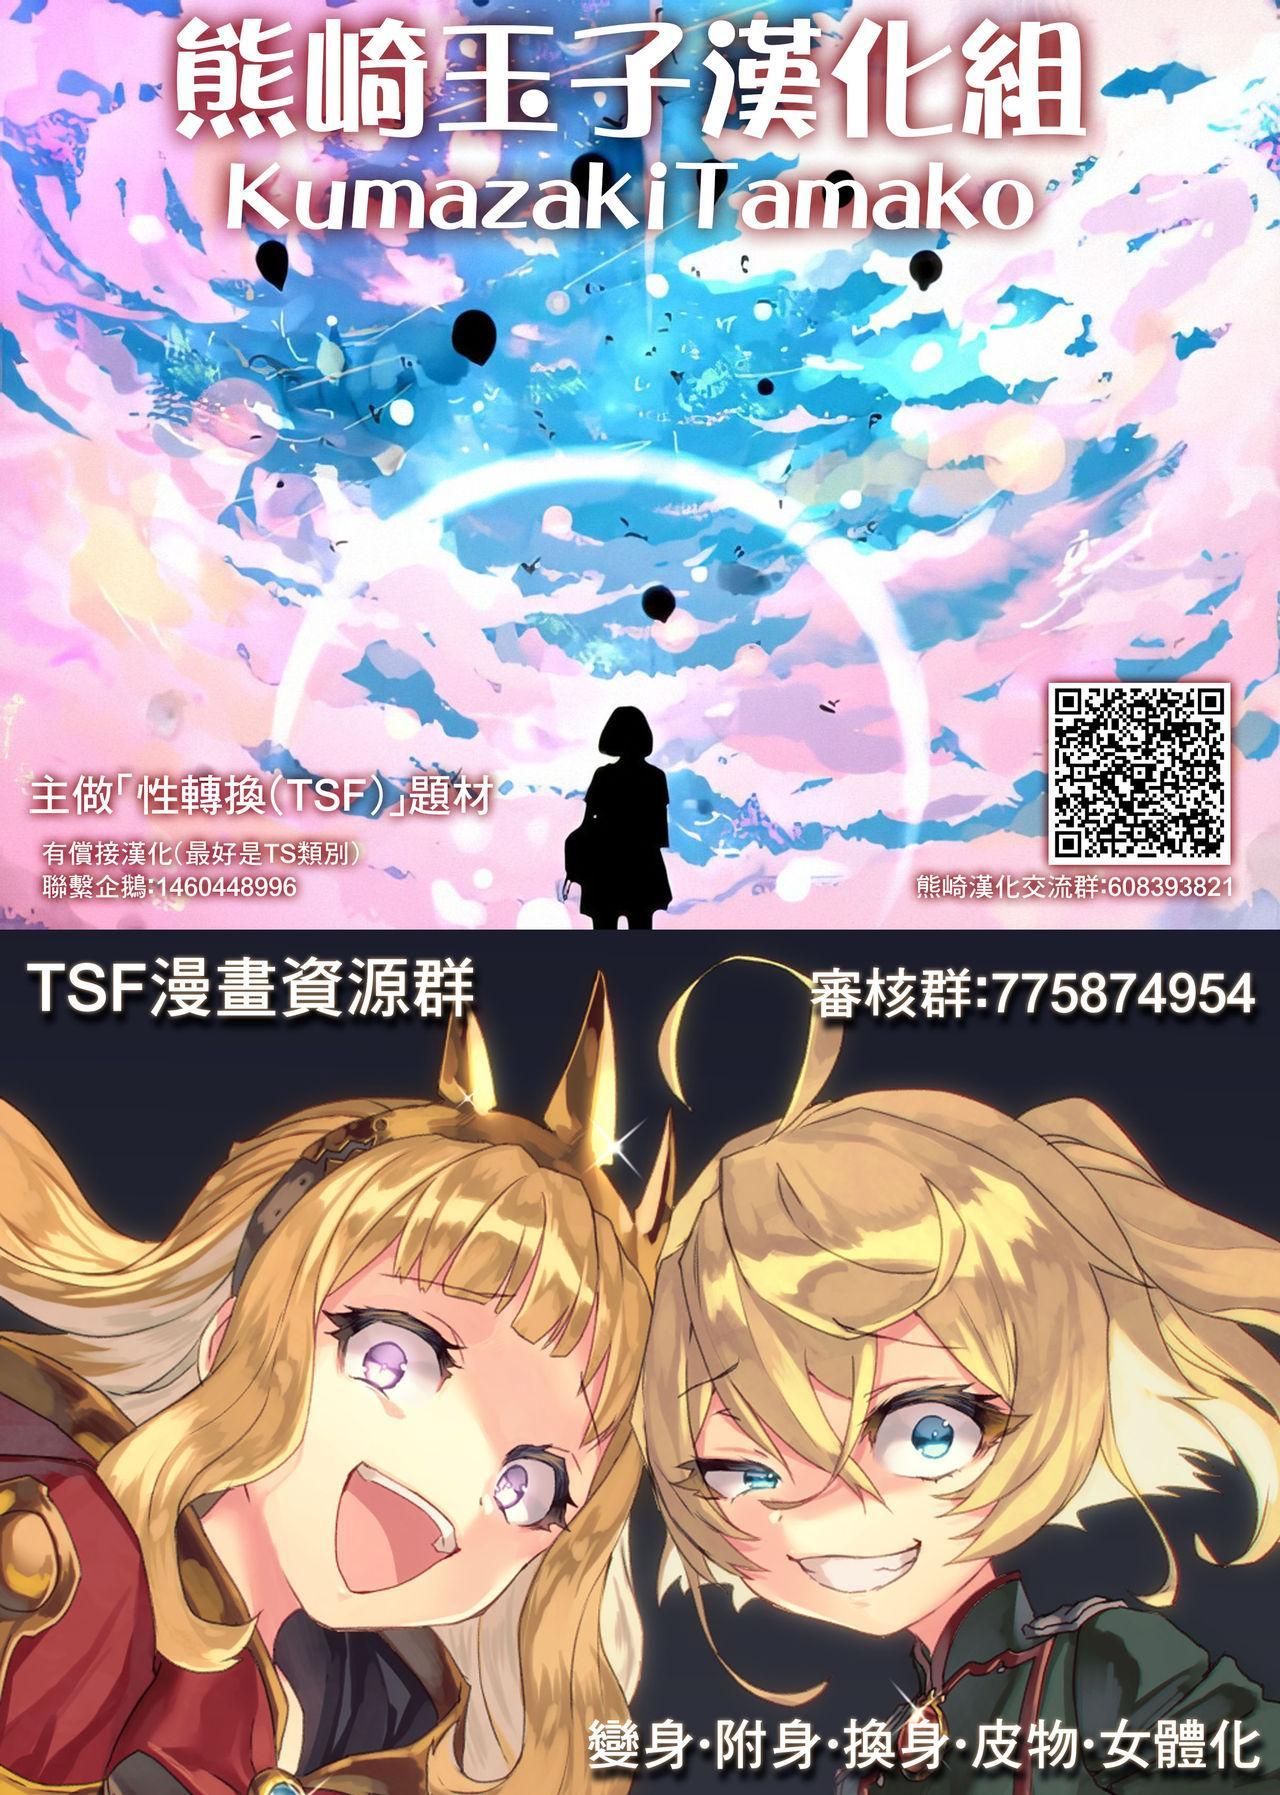 Jitsuroku! Hontouniatta VRChat no Ecchi na Hanashi 26